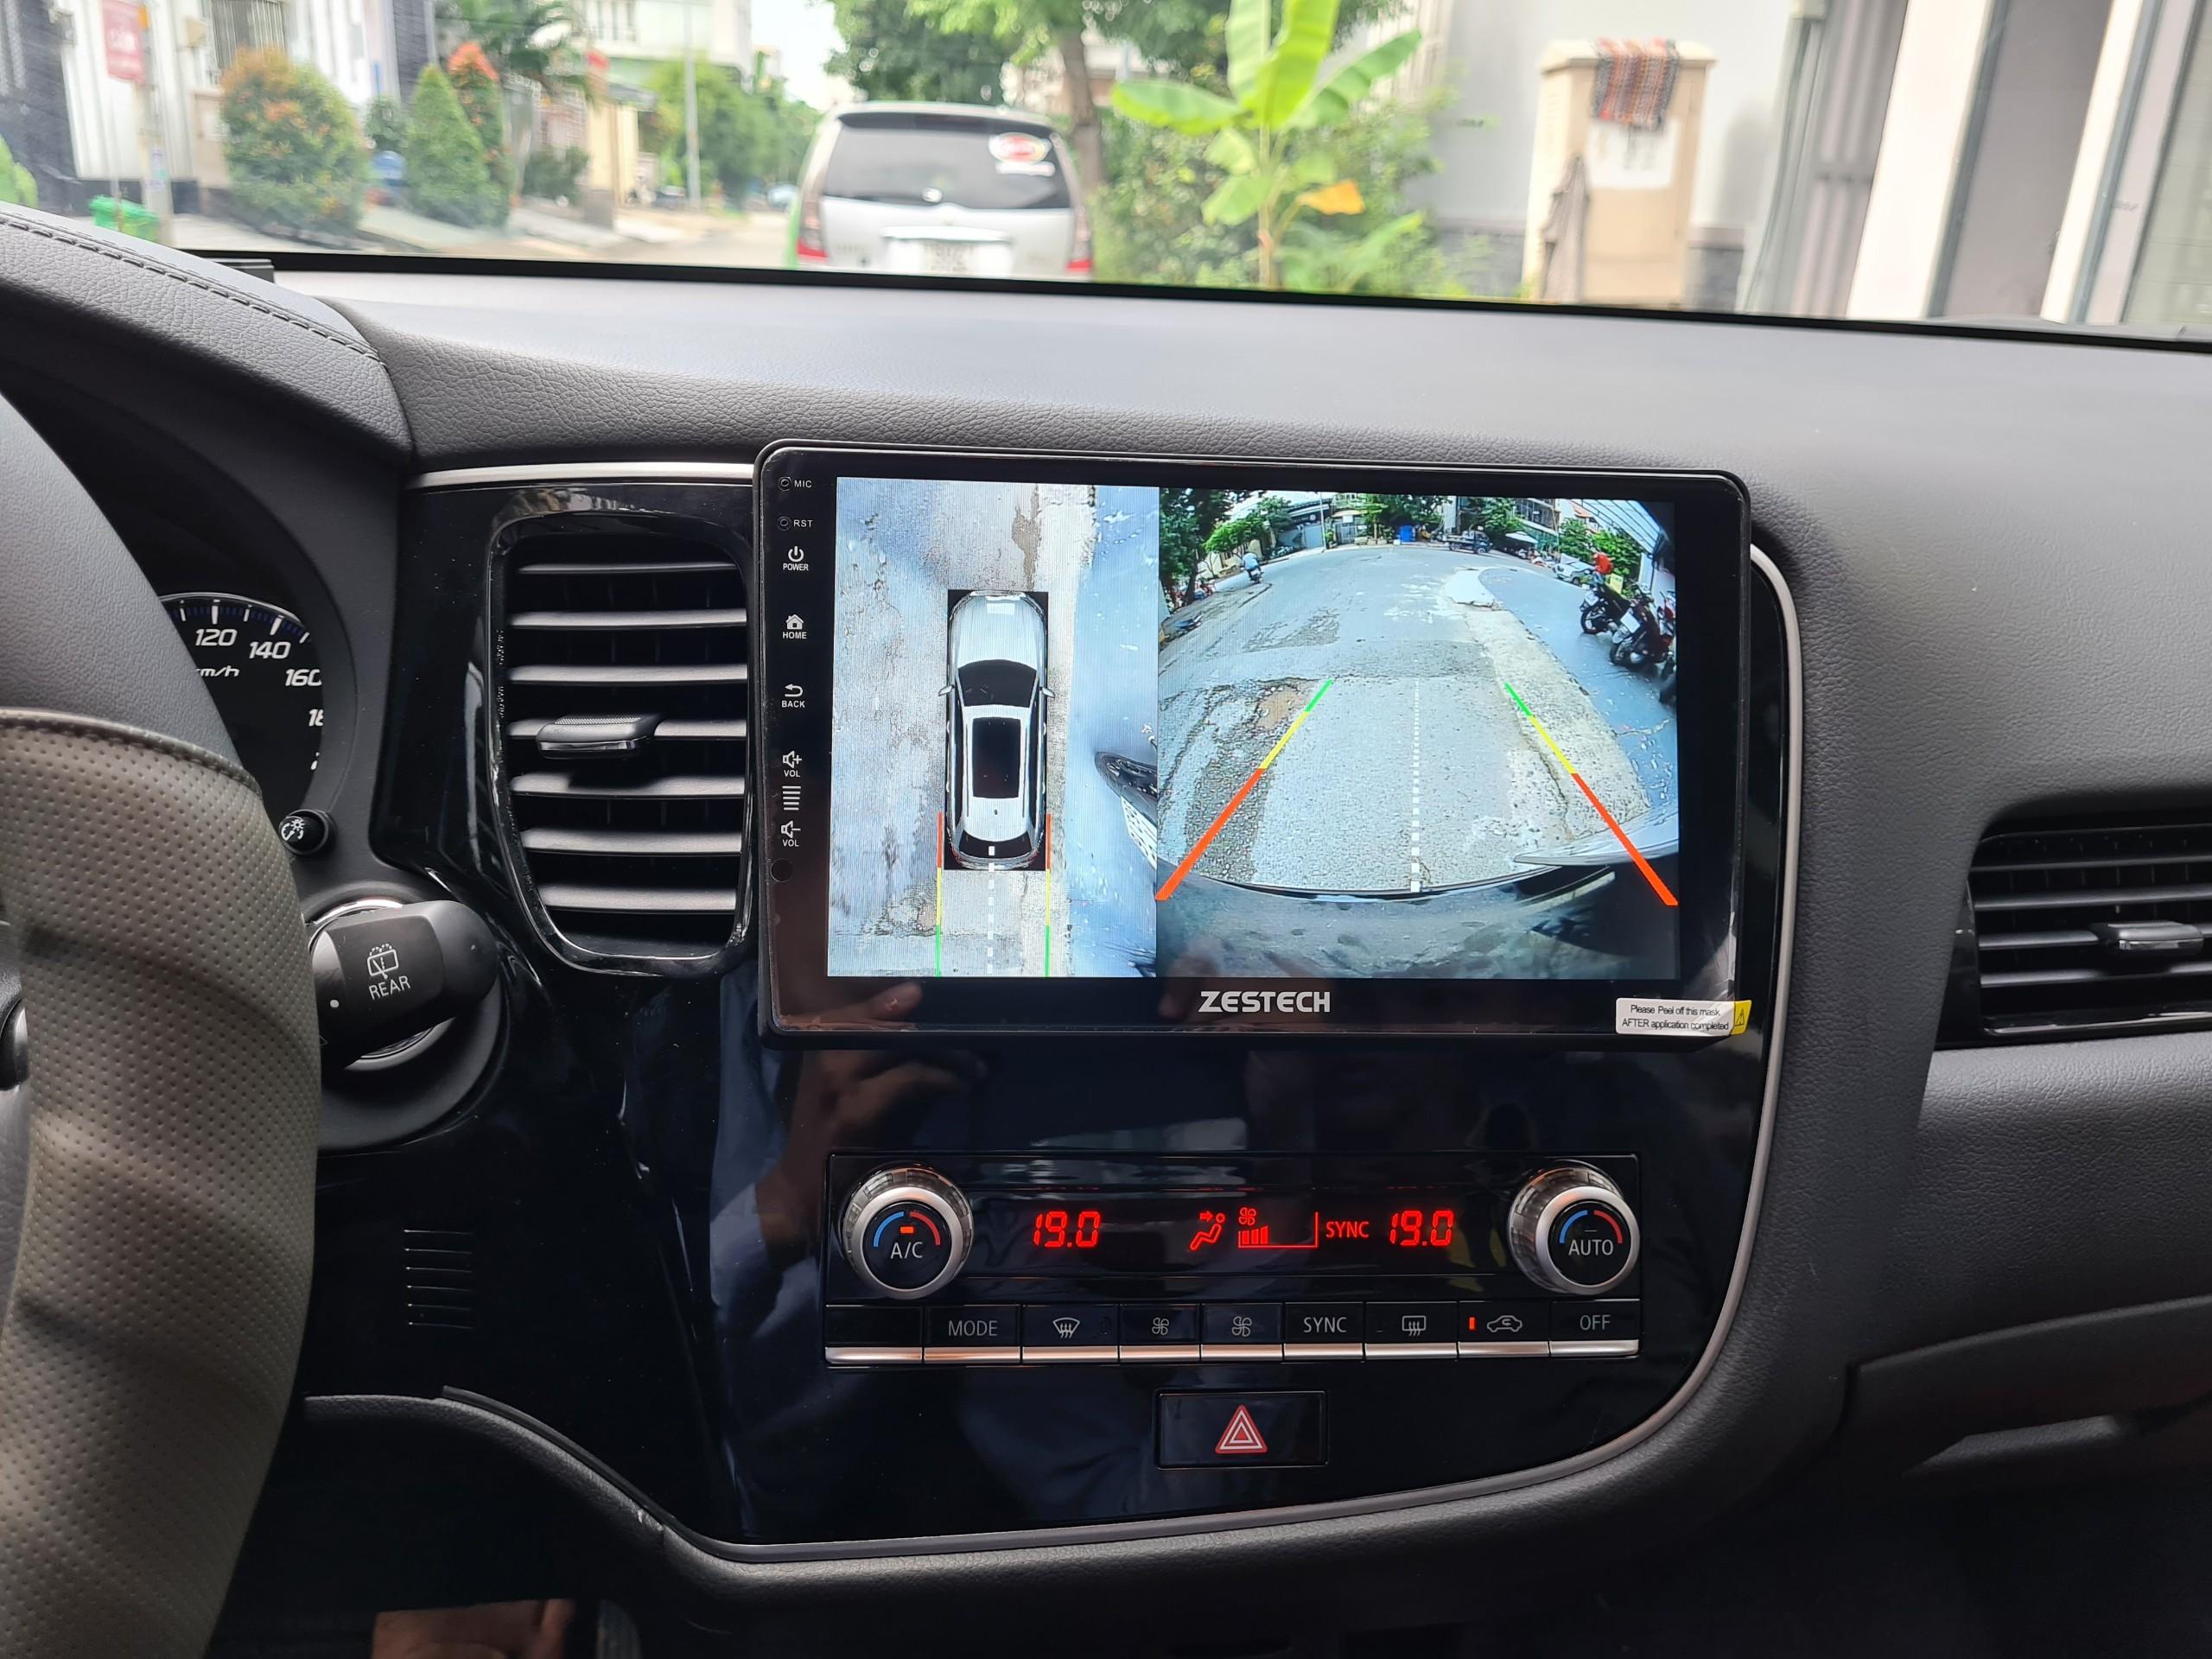 camera 360 độ Zestech Honda City